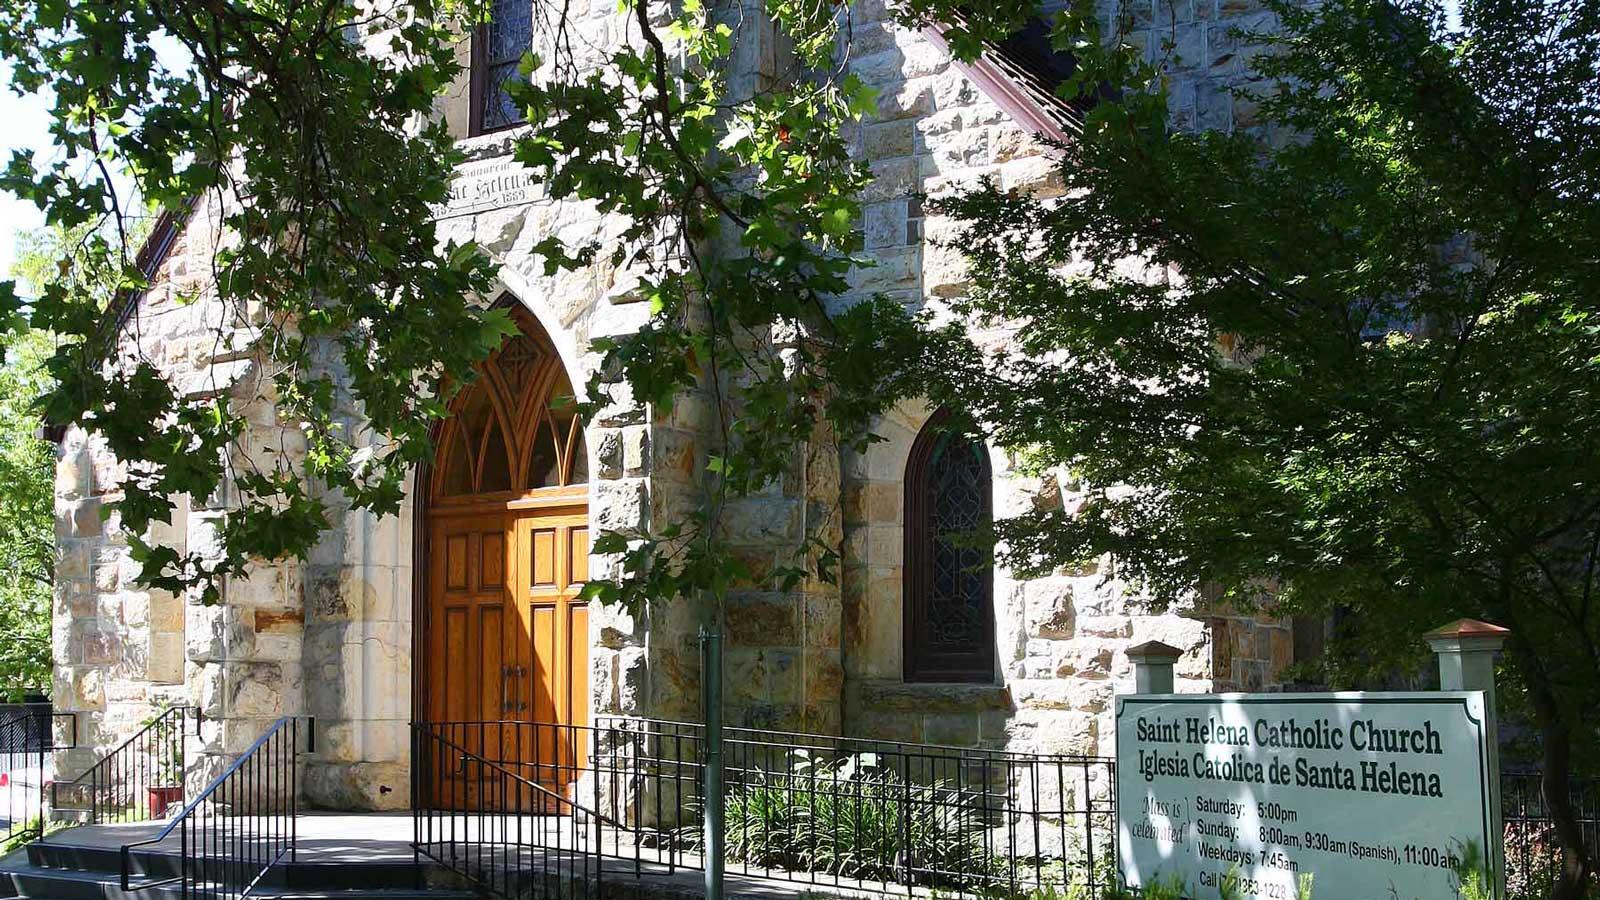 St. Helena Catholic Church - welcome